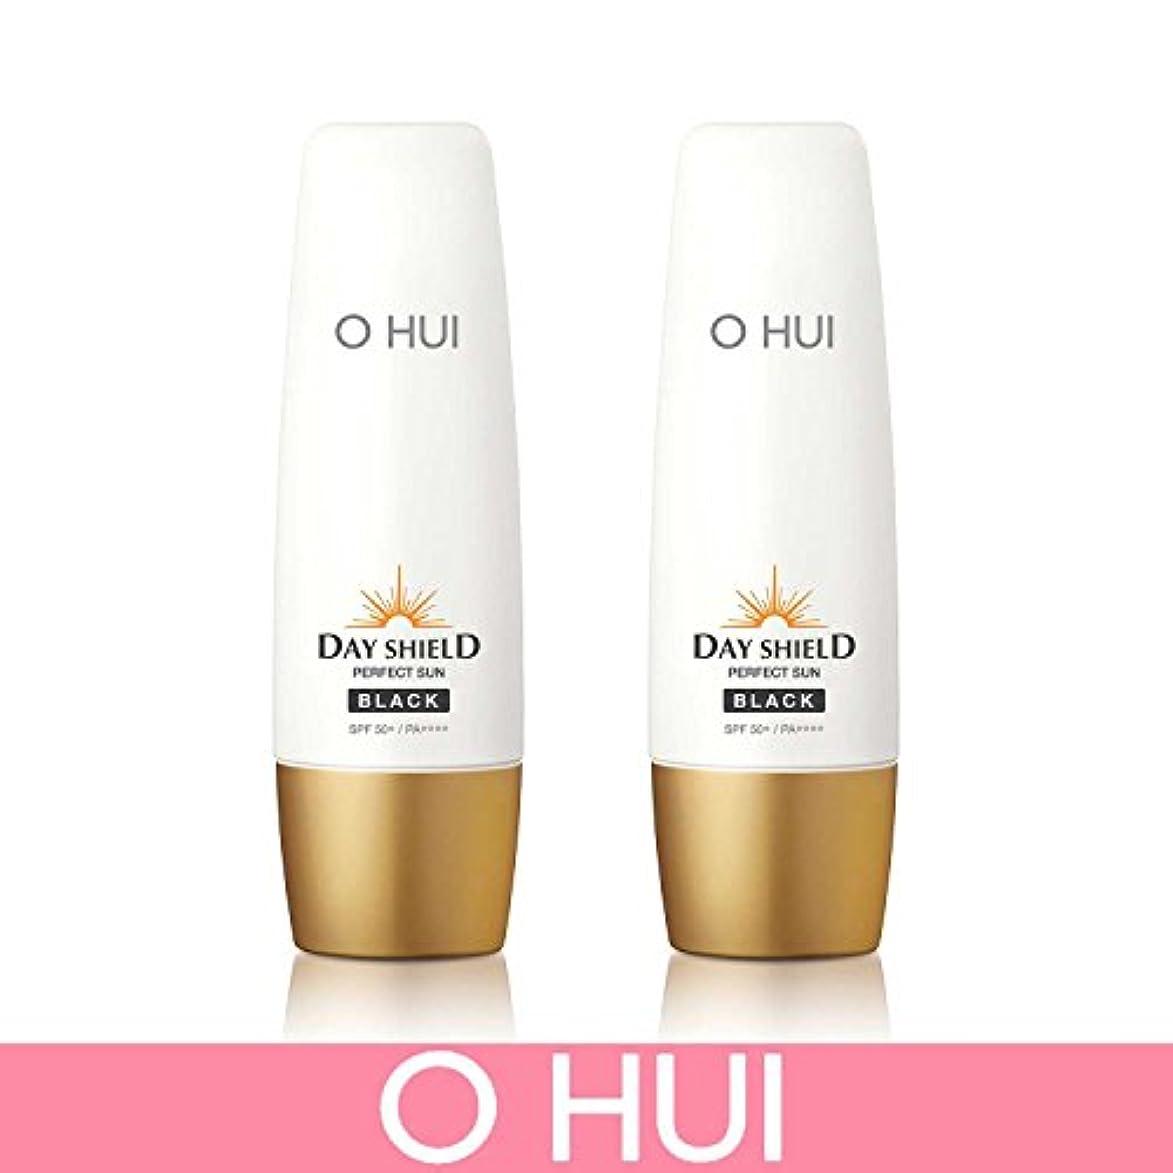 靴下フローティング添加[オフィ/ O HUI]韓国化粧品 LG生活健康/ ERFECT SUN BLACK DUO /日焼け止め (SPF50+/PA+++) 50ml +50ml +[Sample Gift](海外直送品)